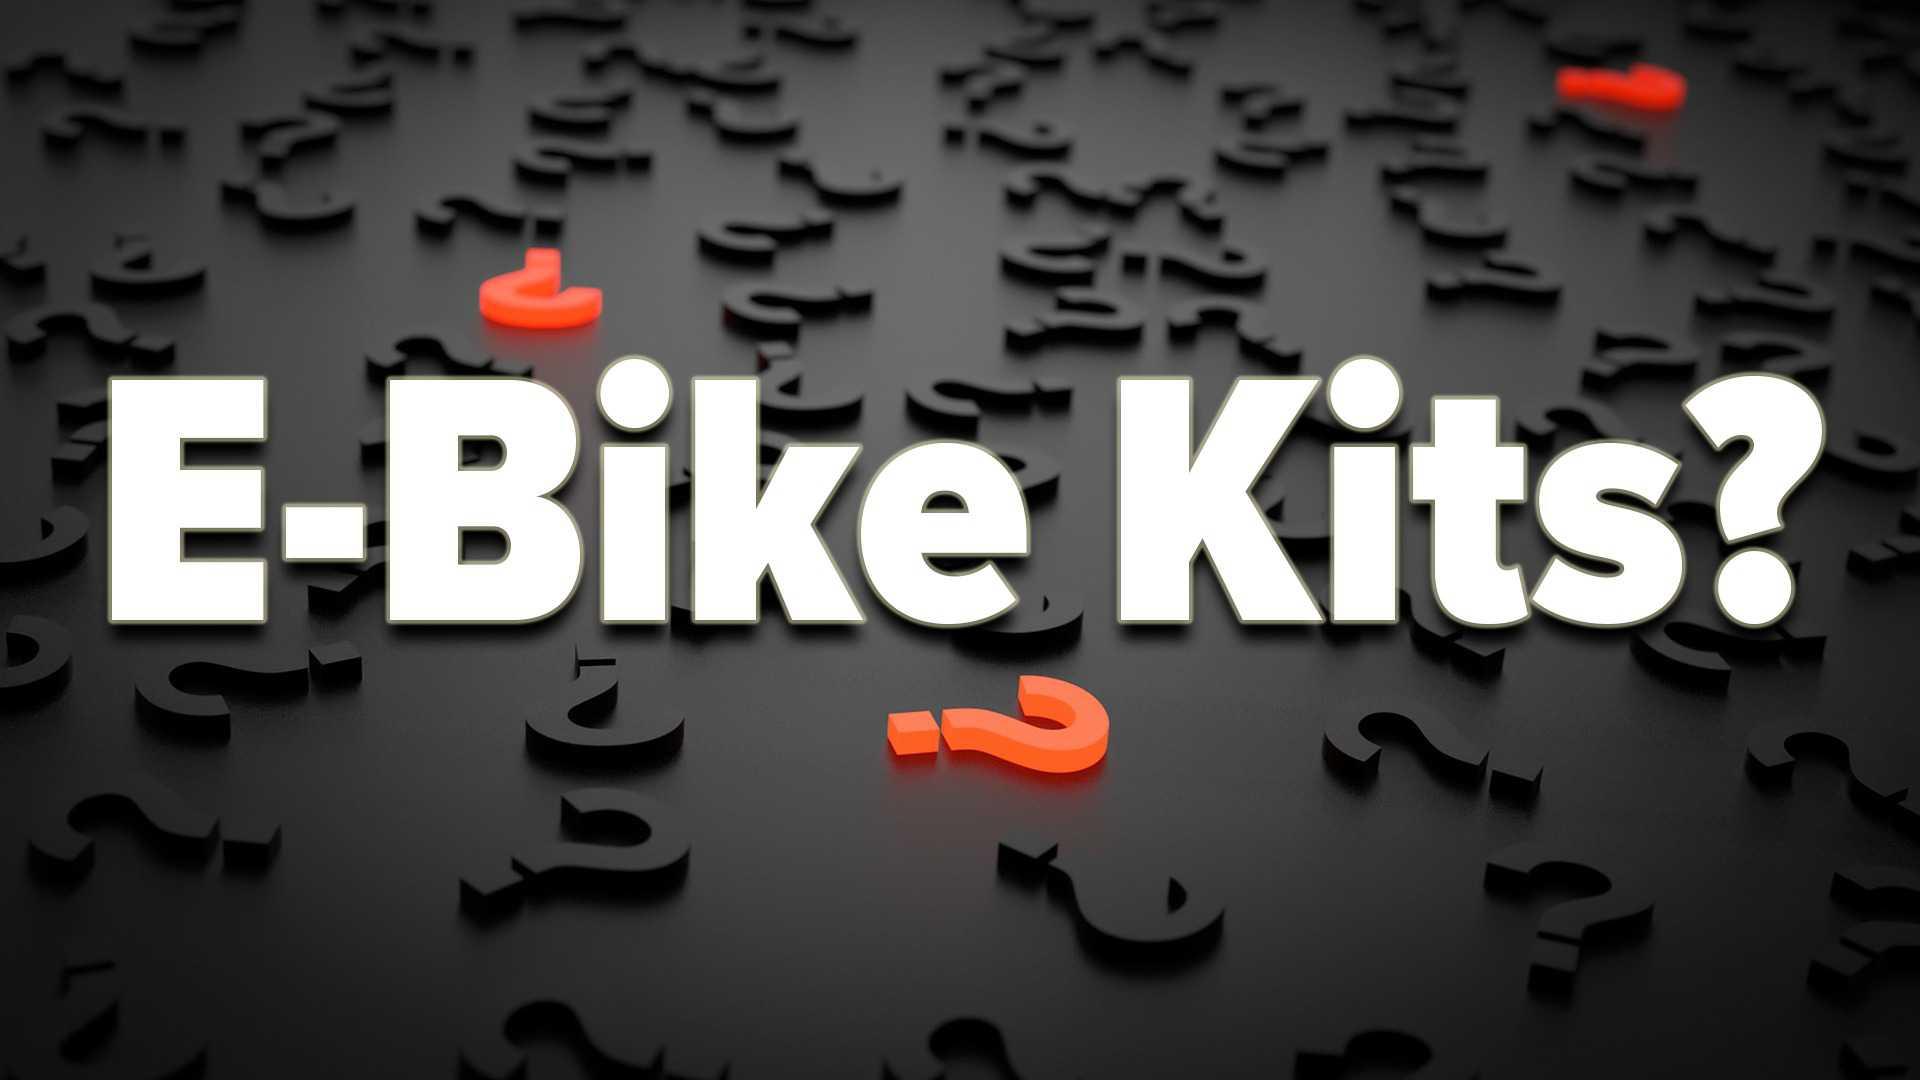 E bike kits banner